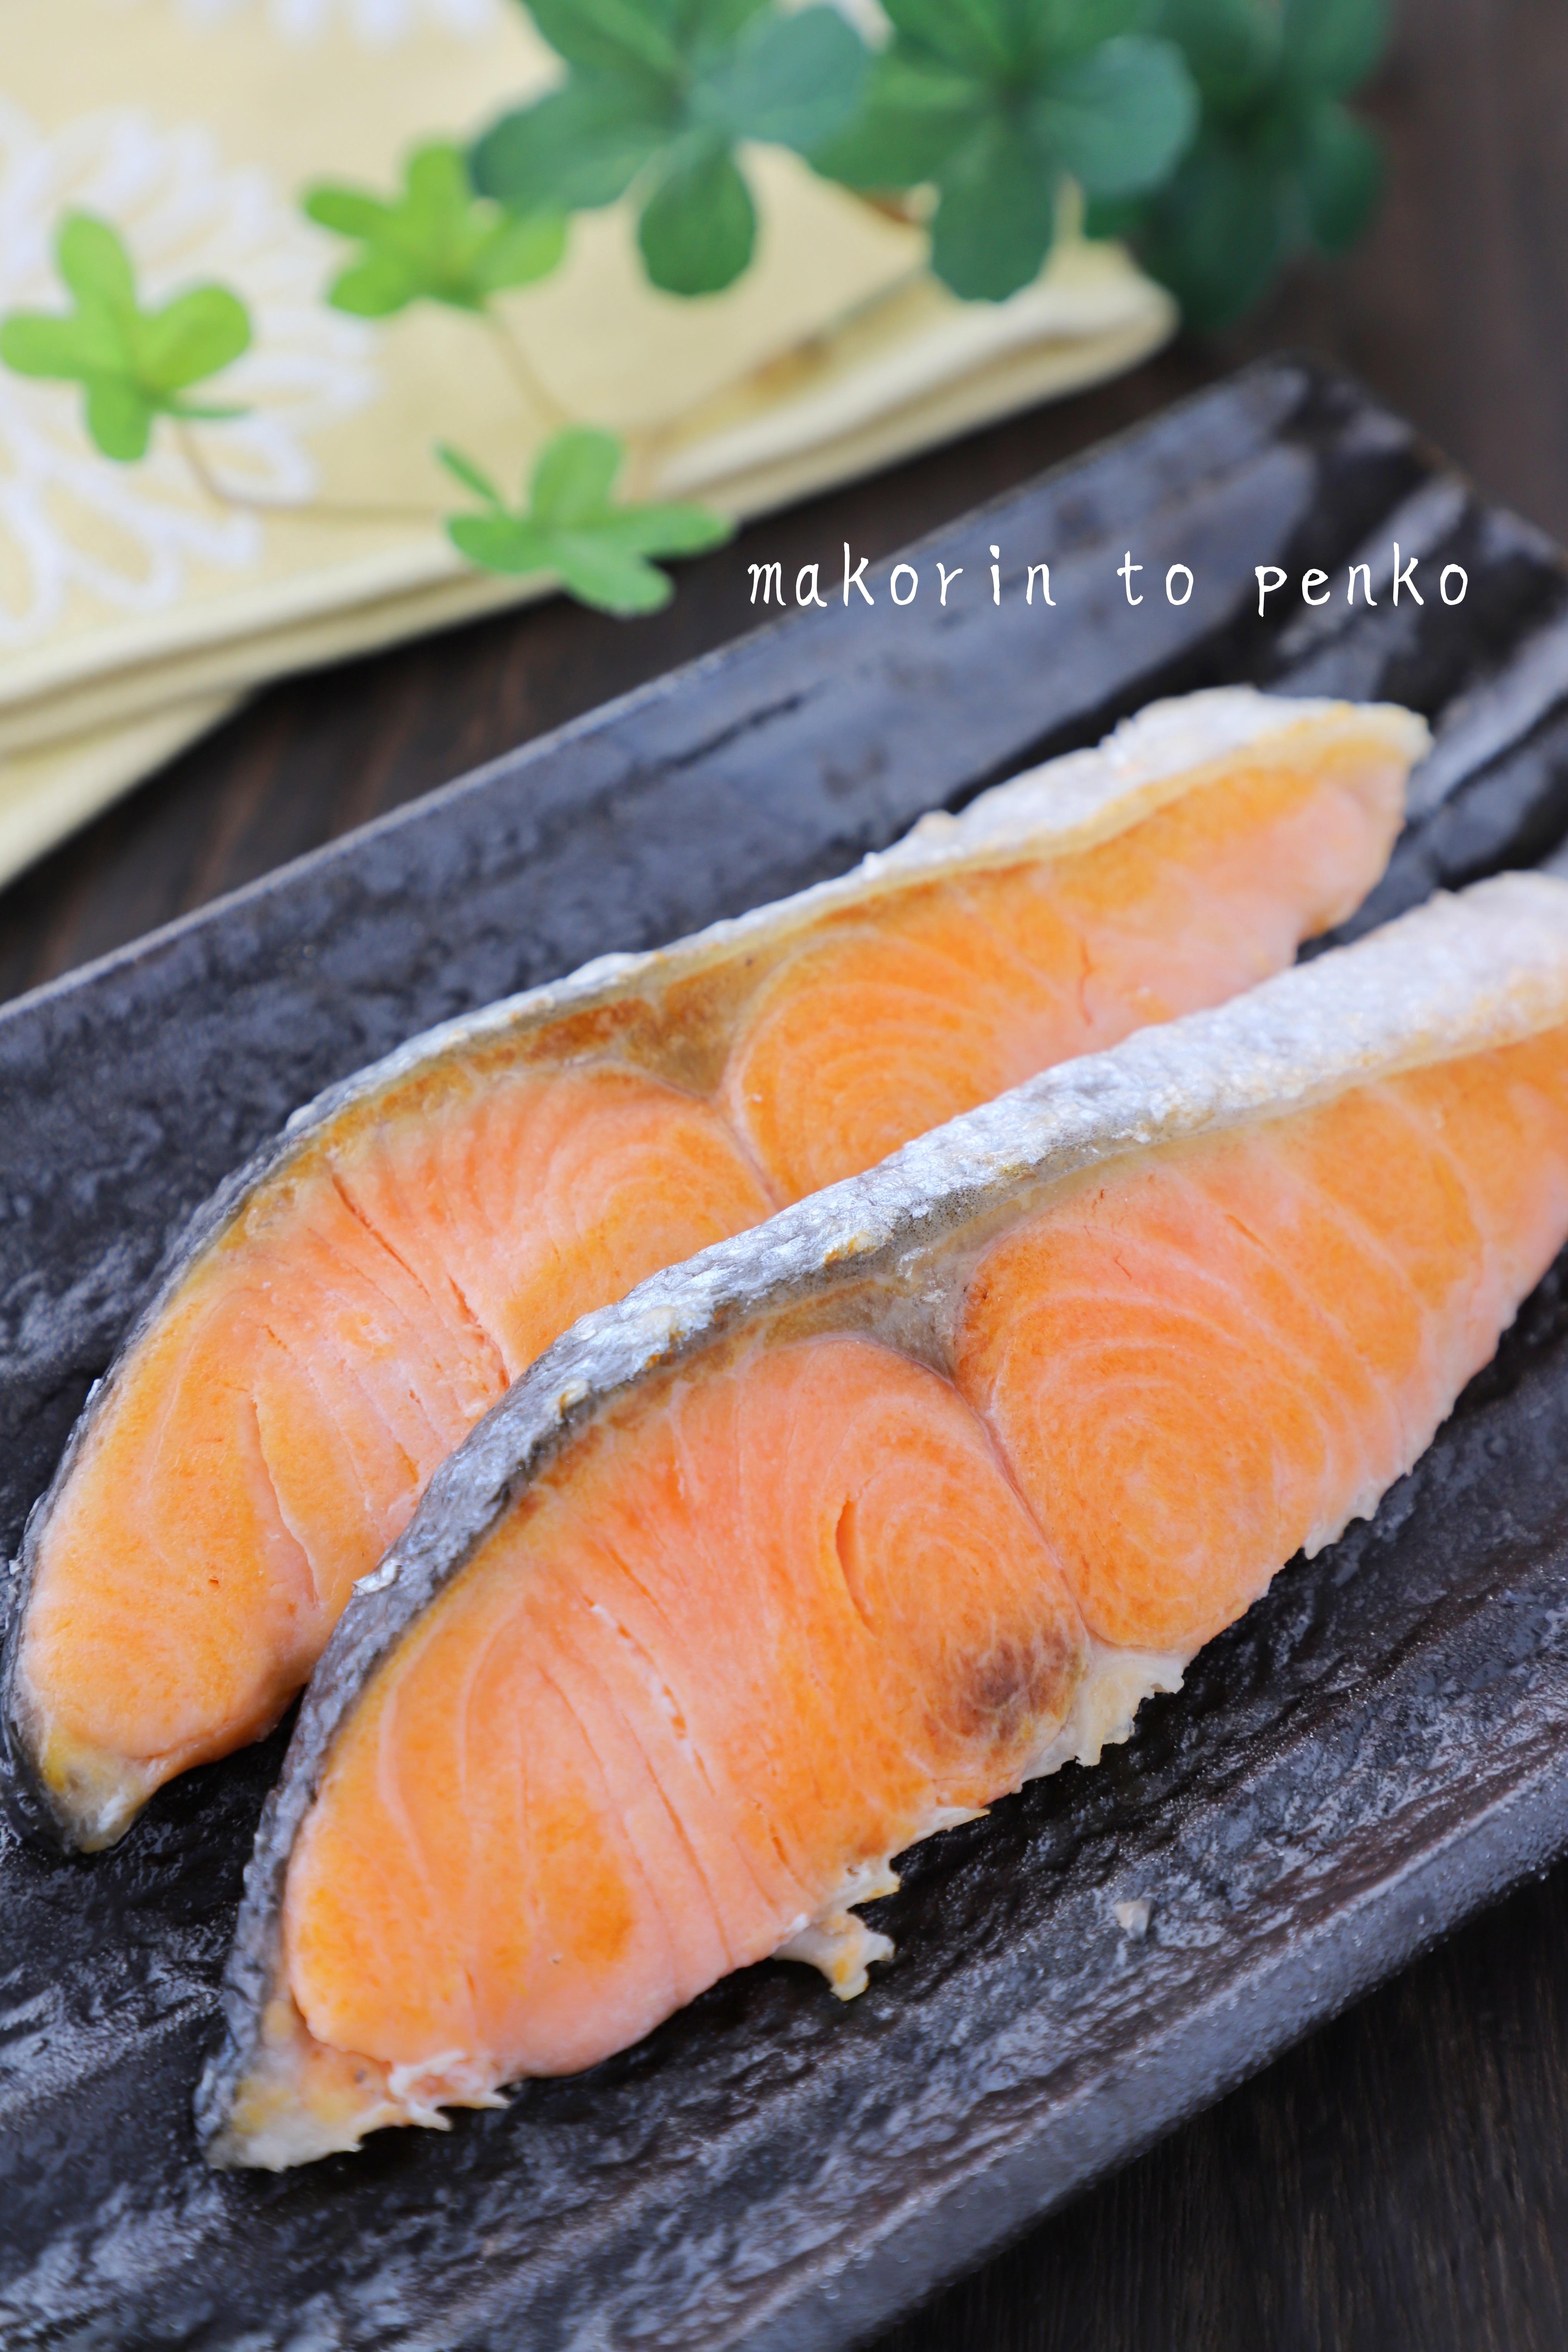 裏ワザで劇的ふっくら 時間が経っても固くならない塩鮭の焼き方 By まこりんとペン子 レシピサイト Nadia ナディア プロの料理家のおいしいレシピ